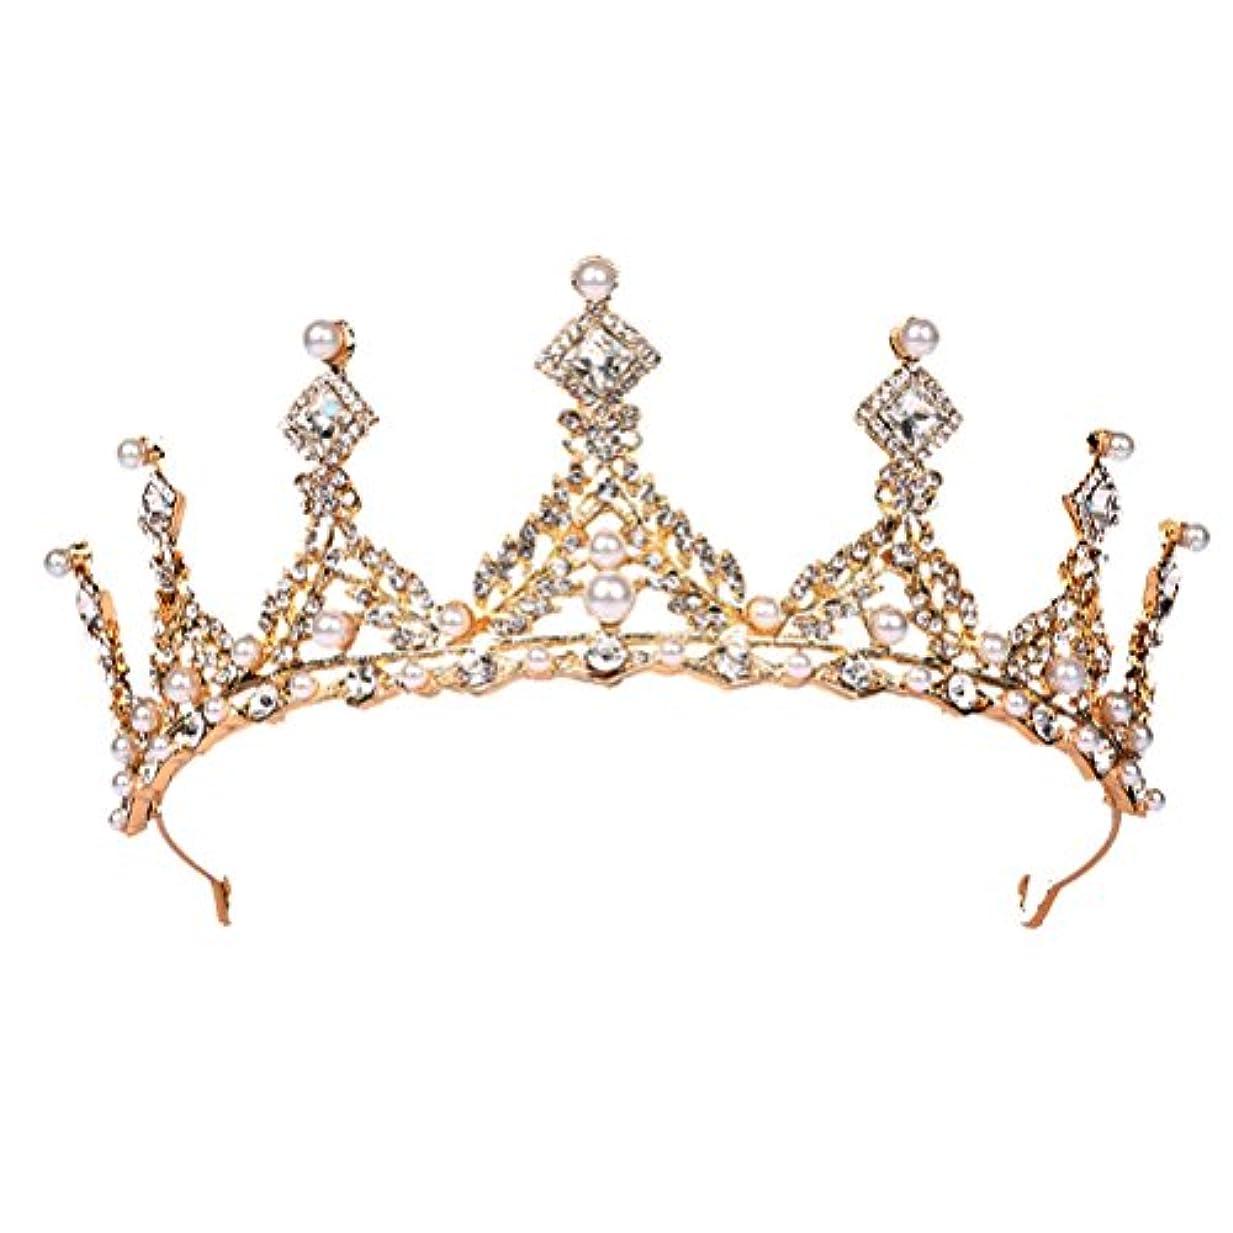 繕う固体巧みなFENICAL ブライダル ティアラ ヘアバンド 花嫁 結婚式 ウェディング 王冠 クラウン クリスタル 髪飾り ヘアアクセサリー(ゴールデン)